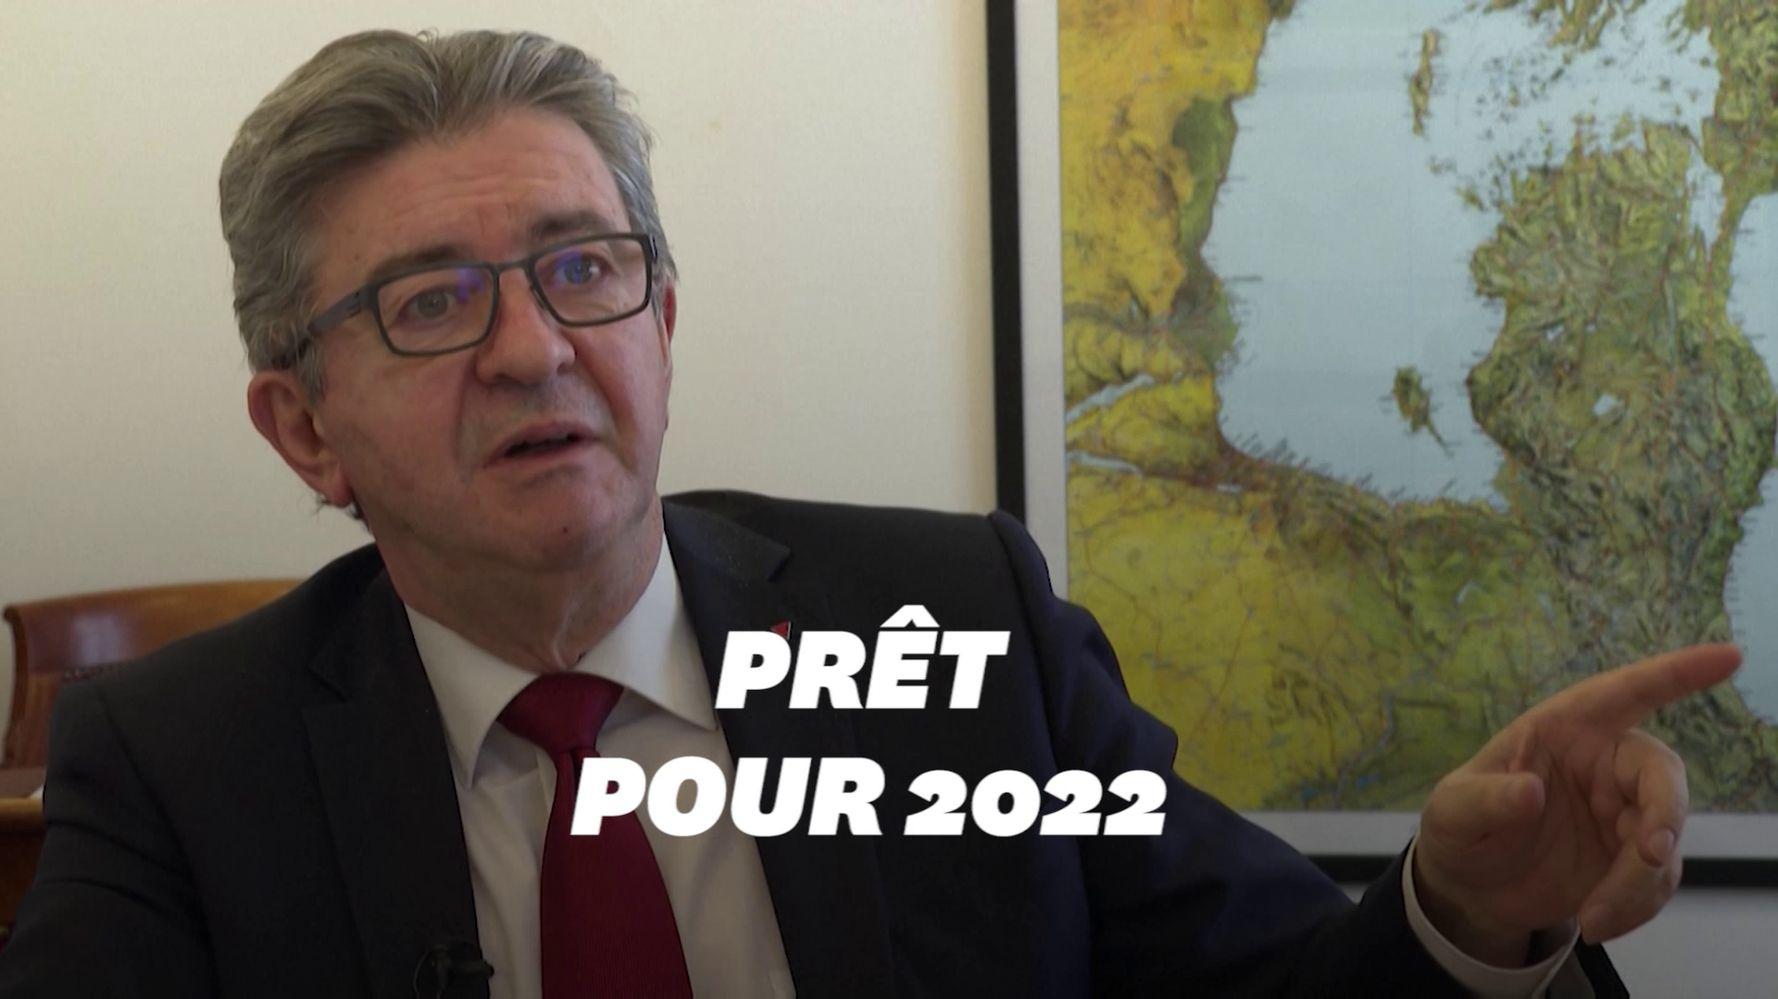 Jean-Luc Mélenchon face à la crise Covid: